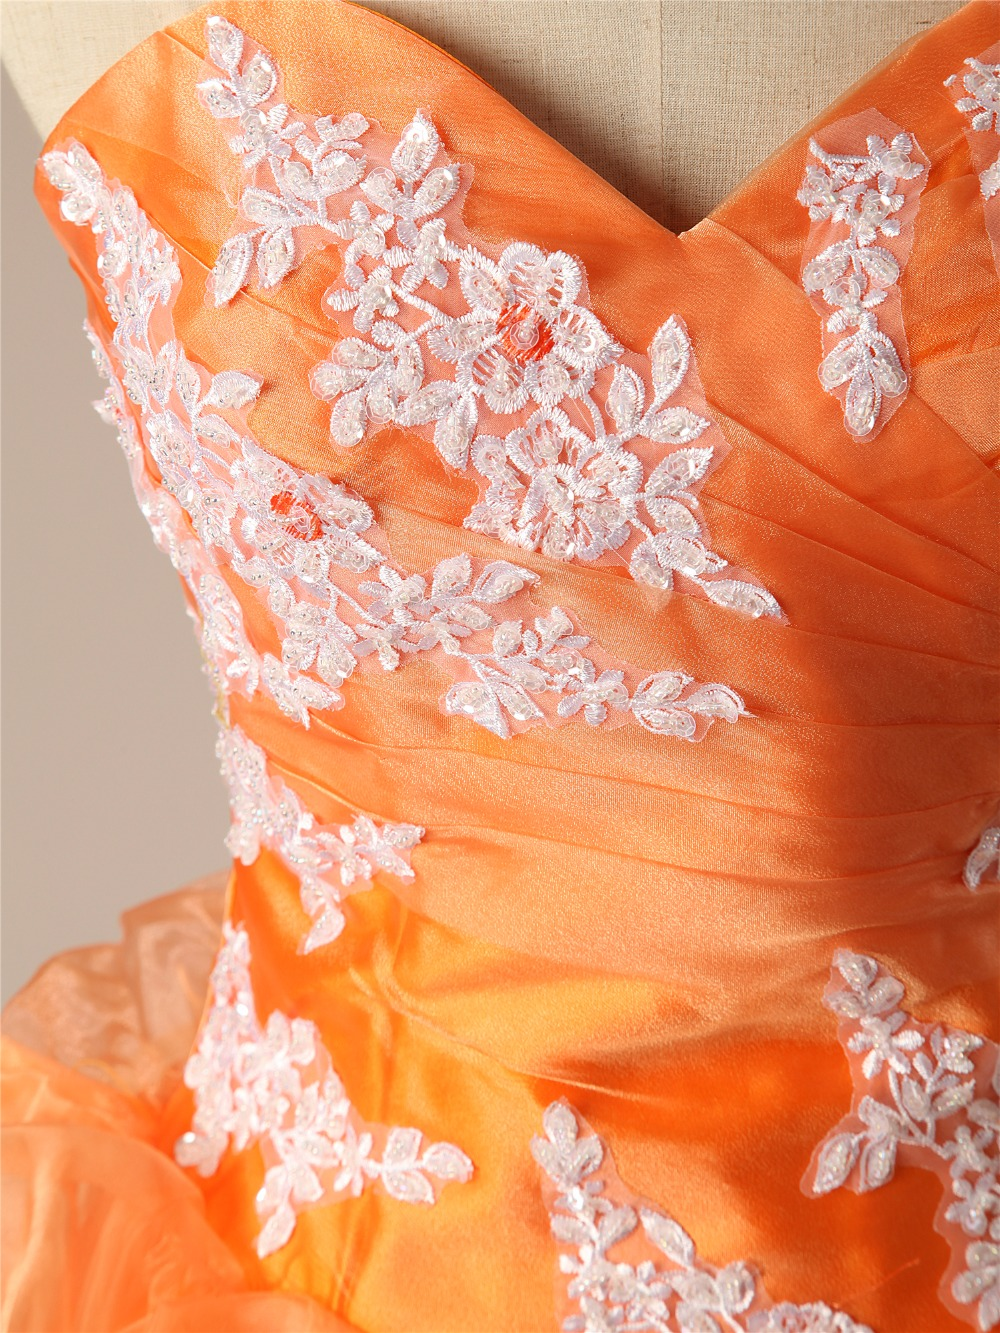 Cheap Quinceanera Dresses Orange Sweetheart Appliques Lace Vestidos De 15 Anos Ball Gown Sweet 16 Dresses Debutante Gown - 6